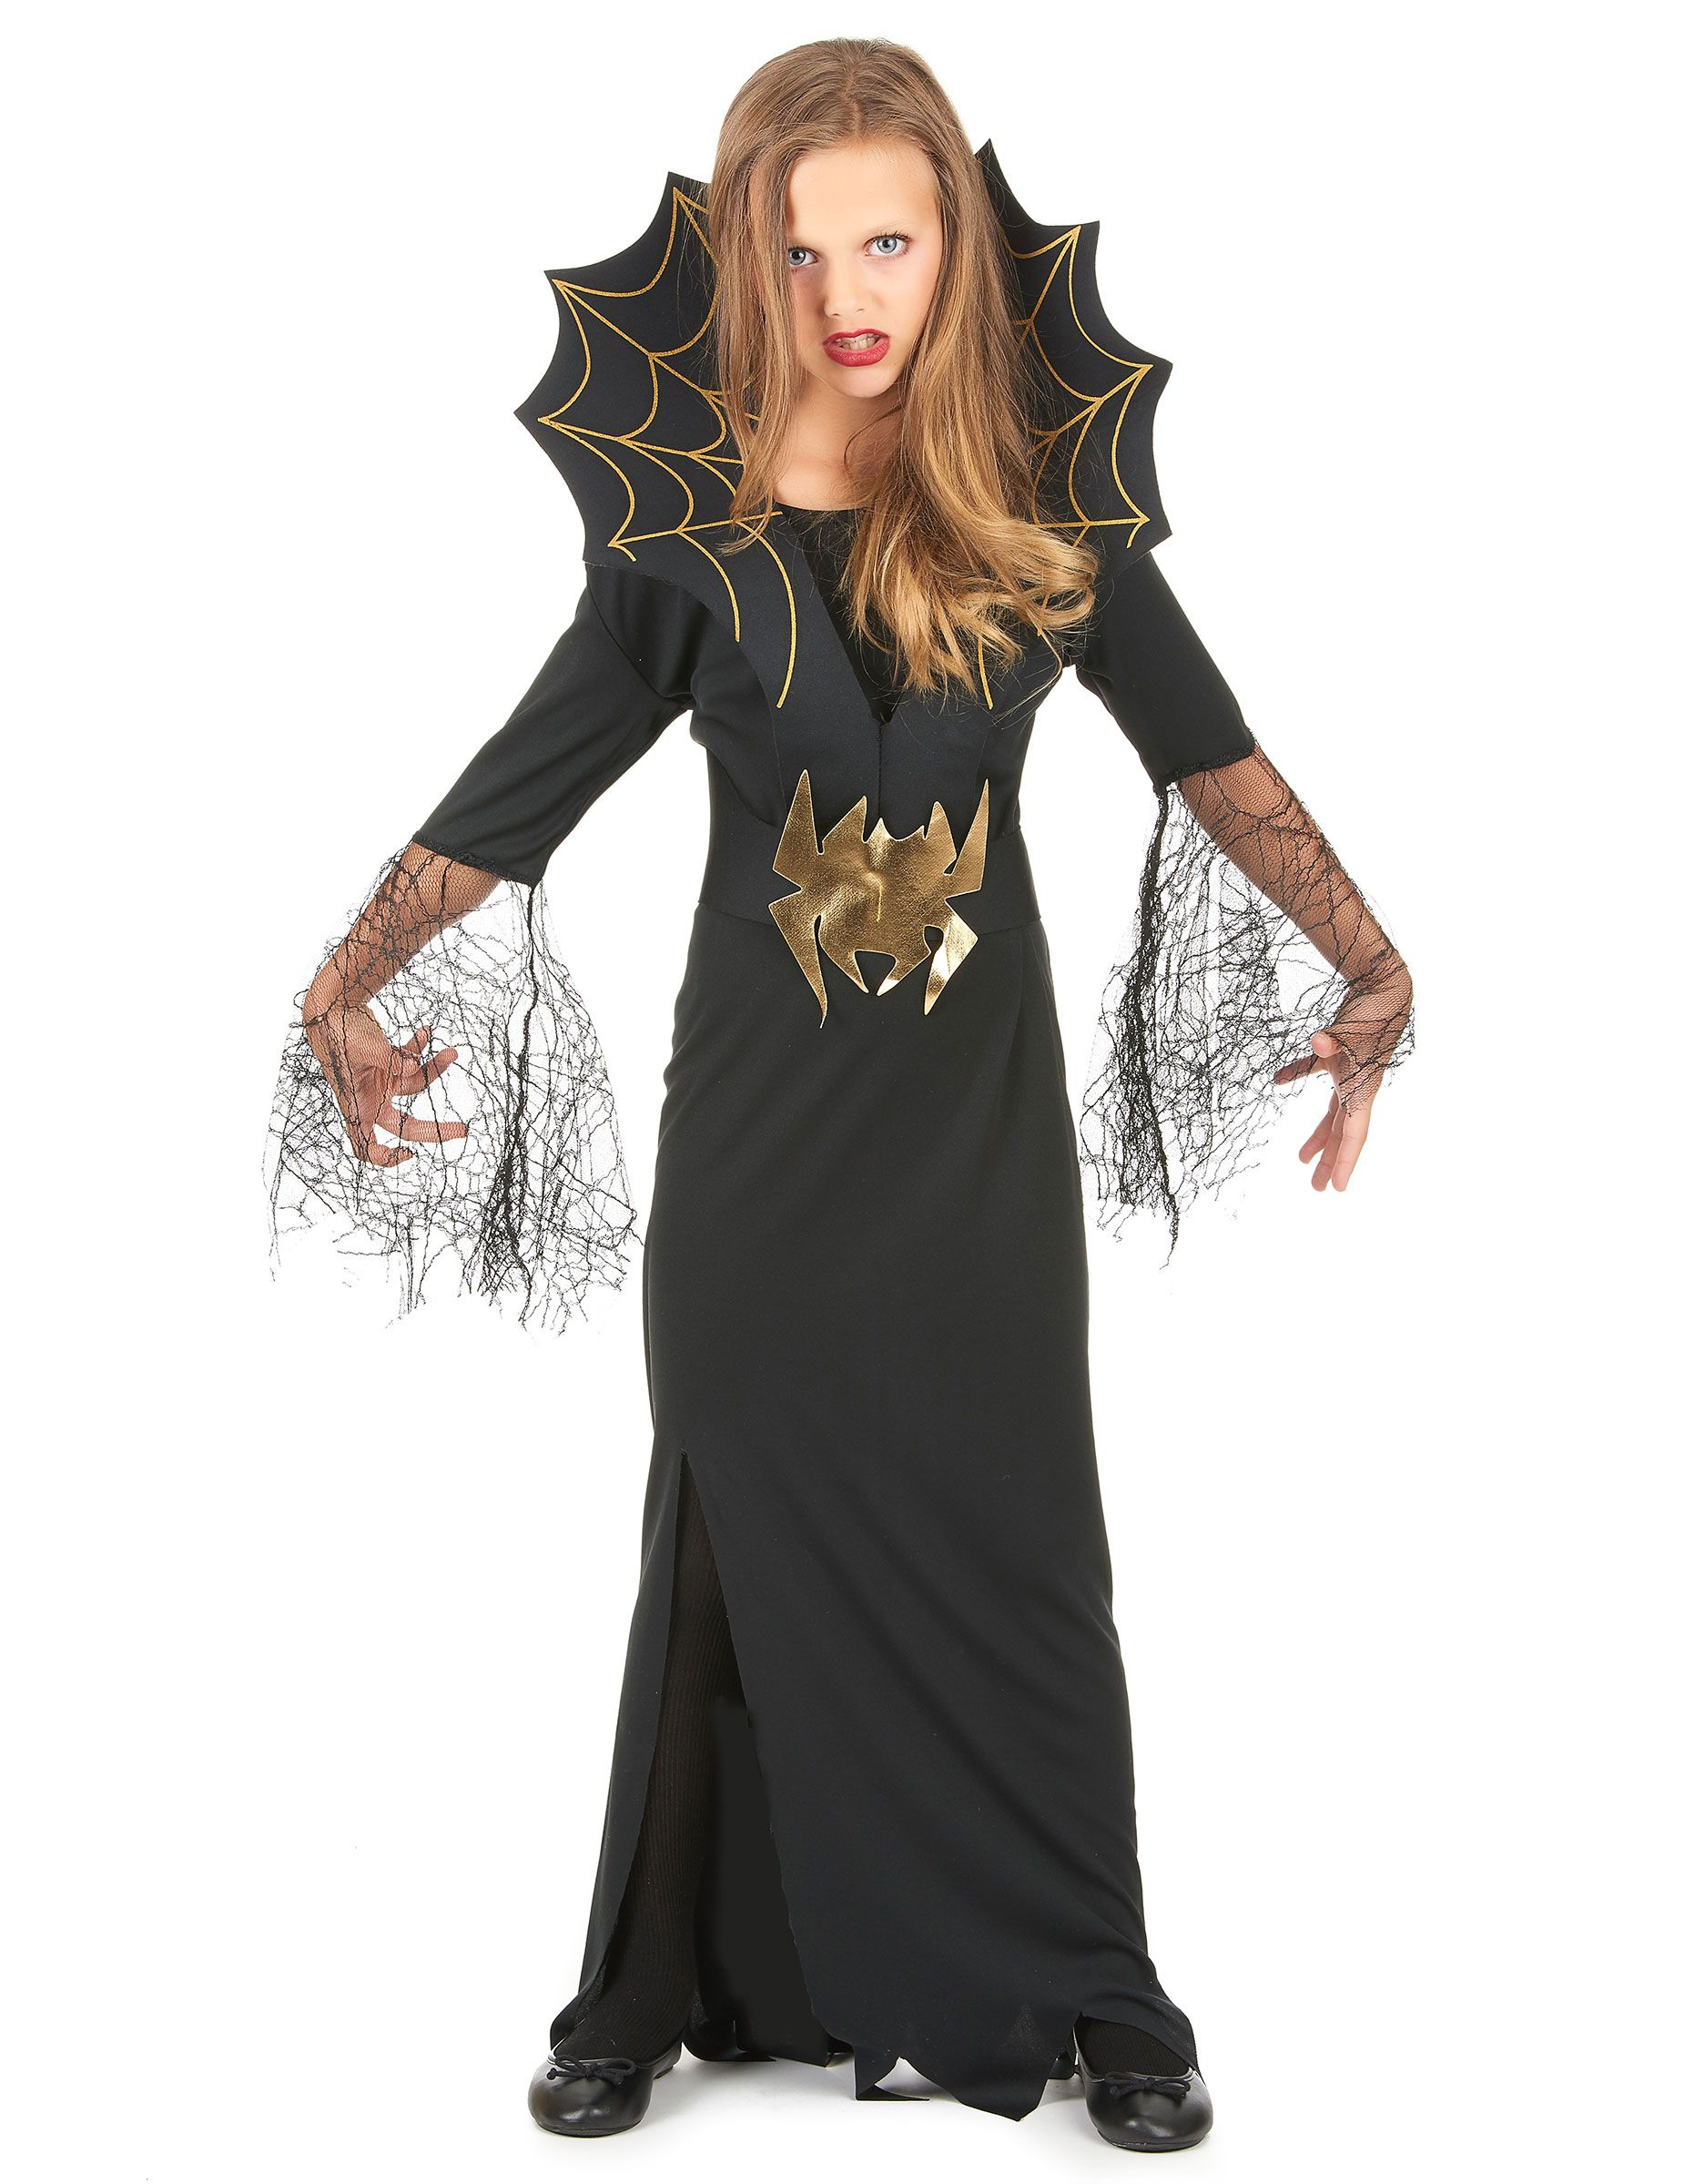 Femmes Sorcière Costume Medium UK 10-12 pour Halloween Déguisements-Adulte